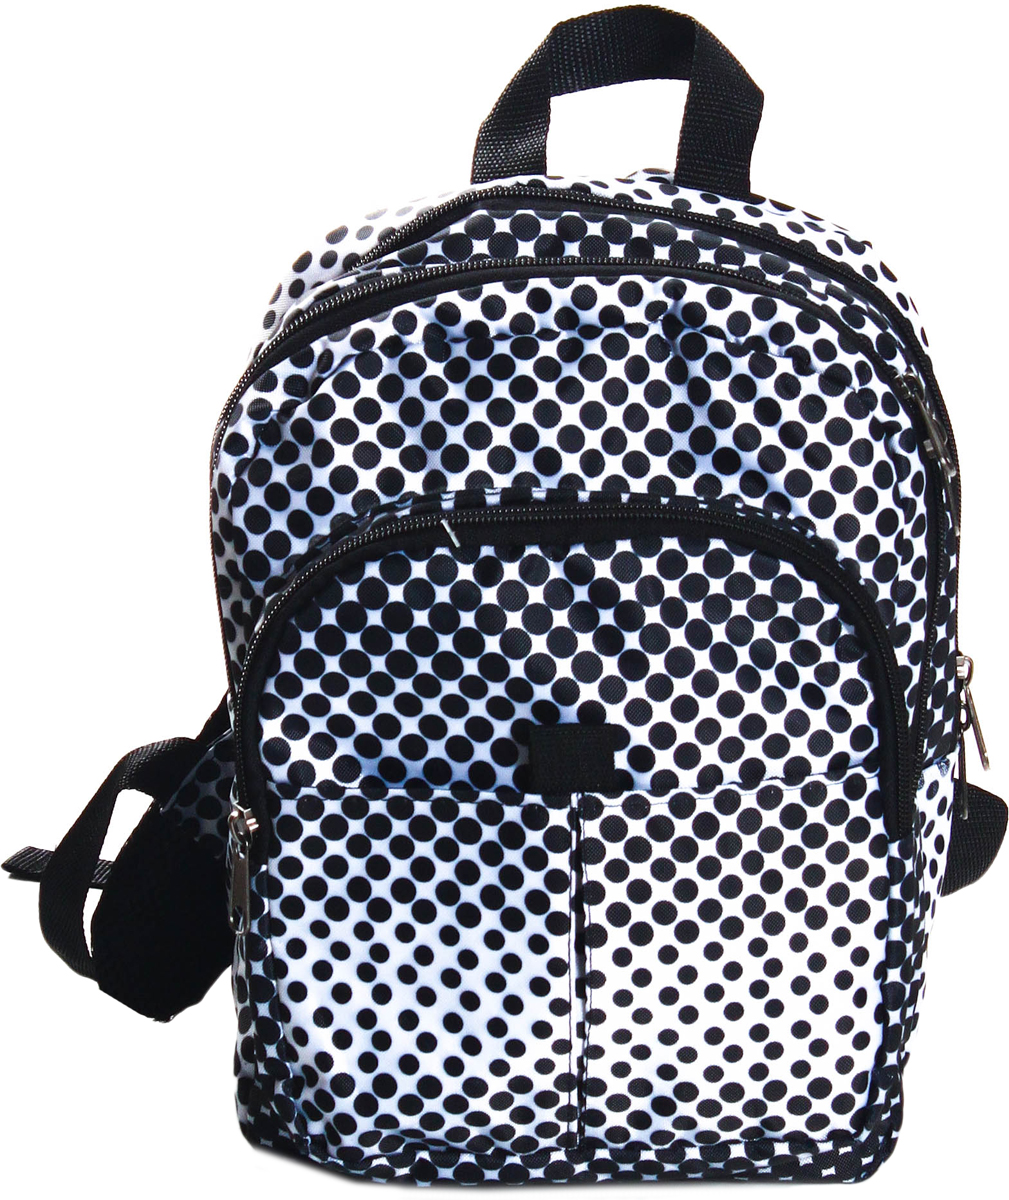 Рюкзак детский Ibag Черно-белые кружки, цвет: черный, 8 л081 черно-белые ружкиТекстильный рюкзак Ibag Черно-белые кружки для маленьких модников и модниц! Идеален, как для повседневной носки, так и для поездок и путешествий. В свой рюкзак ваш ребенок сможет собрать самые необходимые для него вещи : любимую игрушку, раскраску, интересную книгу или свой гаджет. Данная модель не смотря на размер очень вместительна, имеет два основных отделения и два кармана на молнии снаружи.